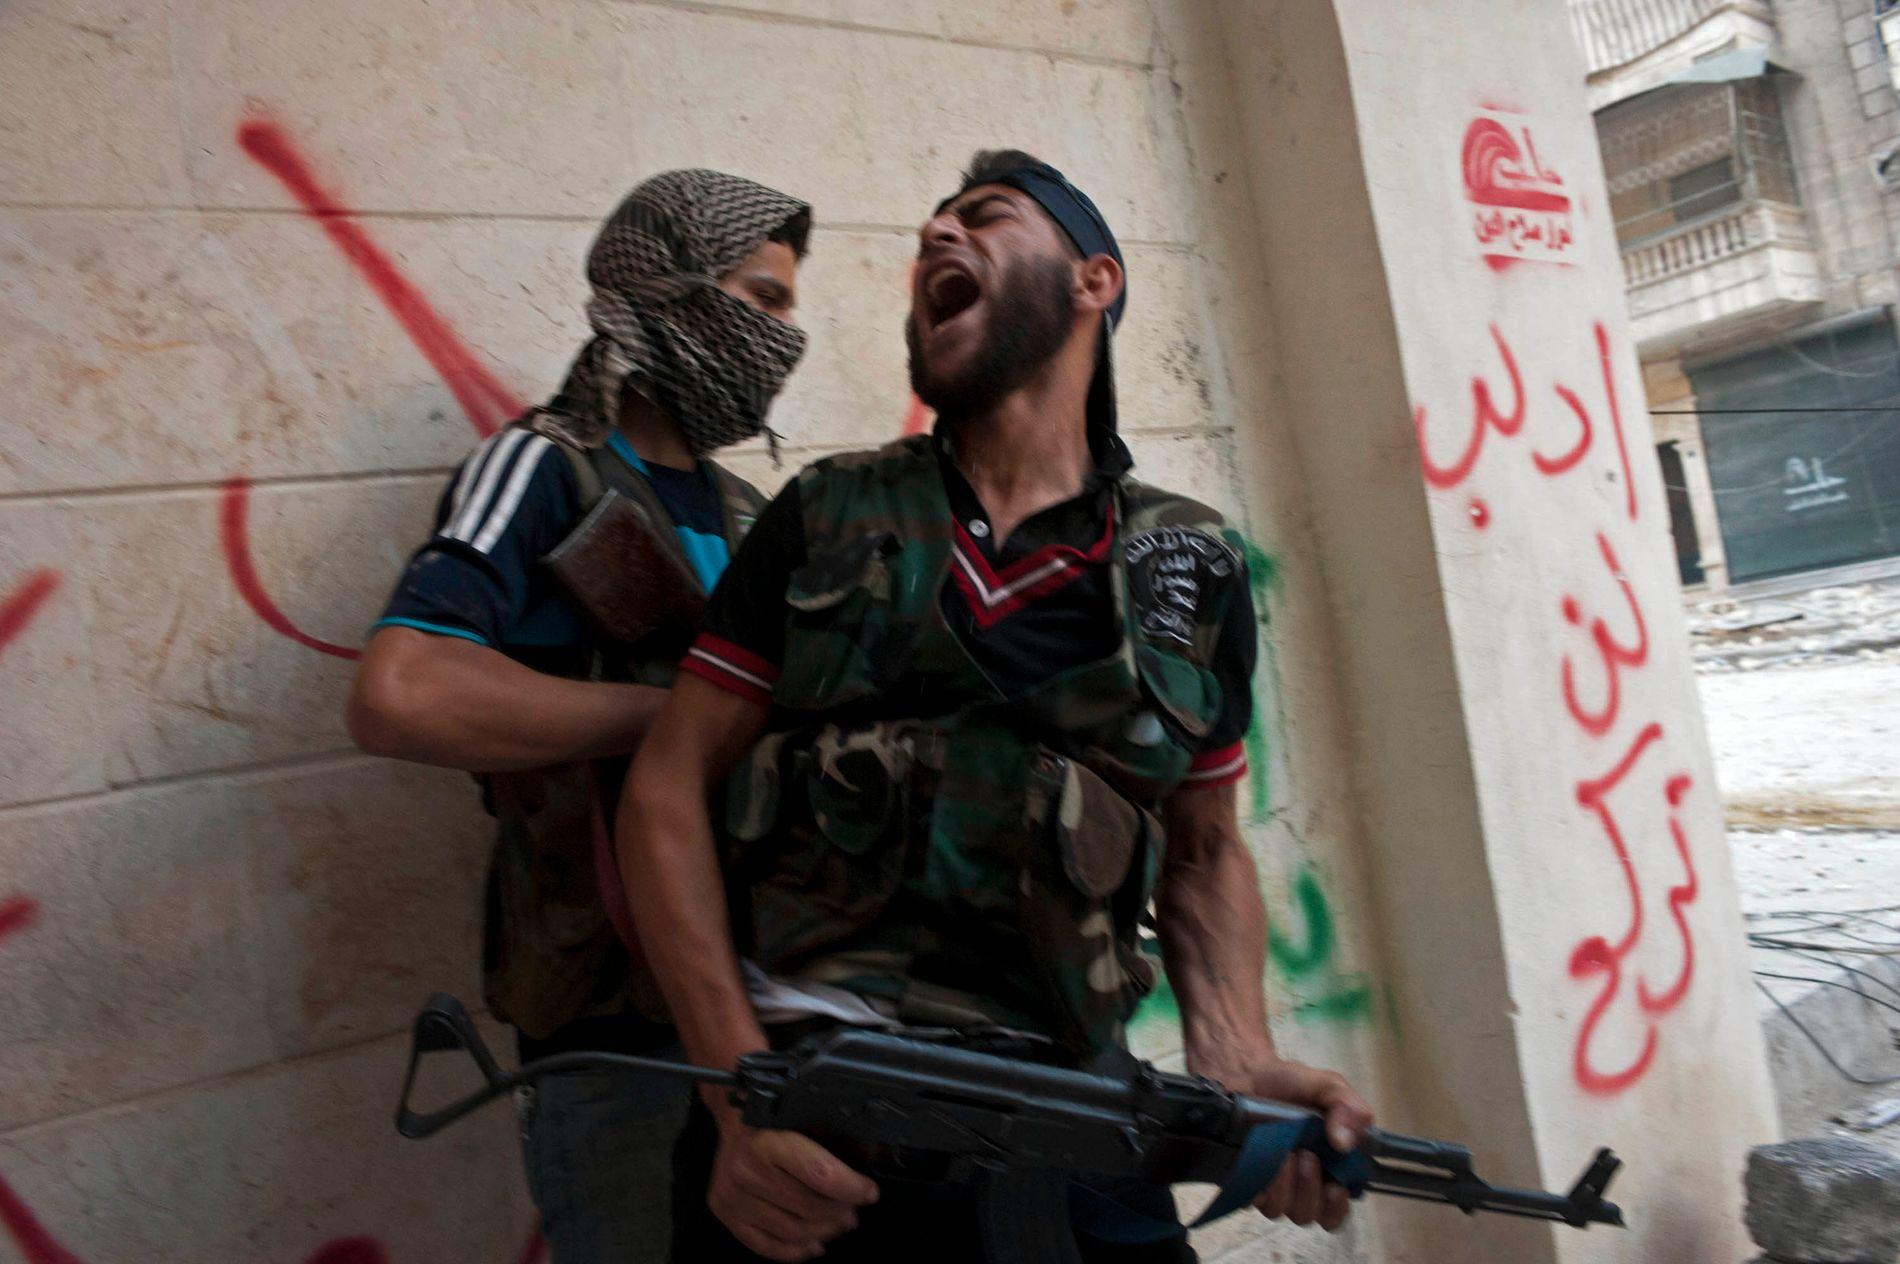 HER STARTET DET: Bykrigen kom til Aleppo sommeren 2012. Her er en opprører i Den frie syriske arme fotografert i august 2012. Siden ble opposisjonen splittet. Ekstremistgrupper kom også til.